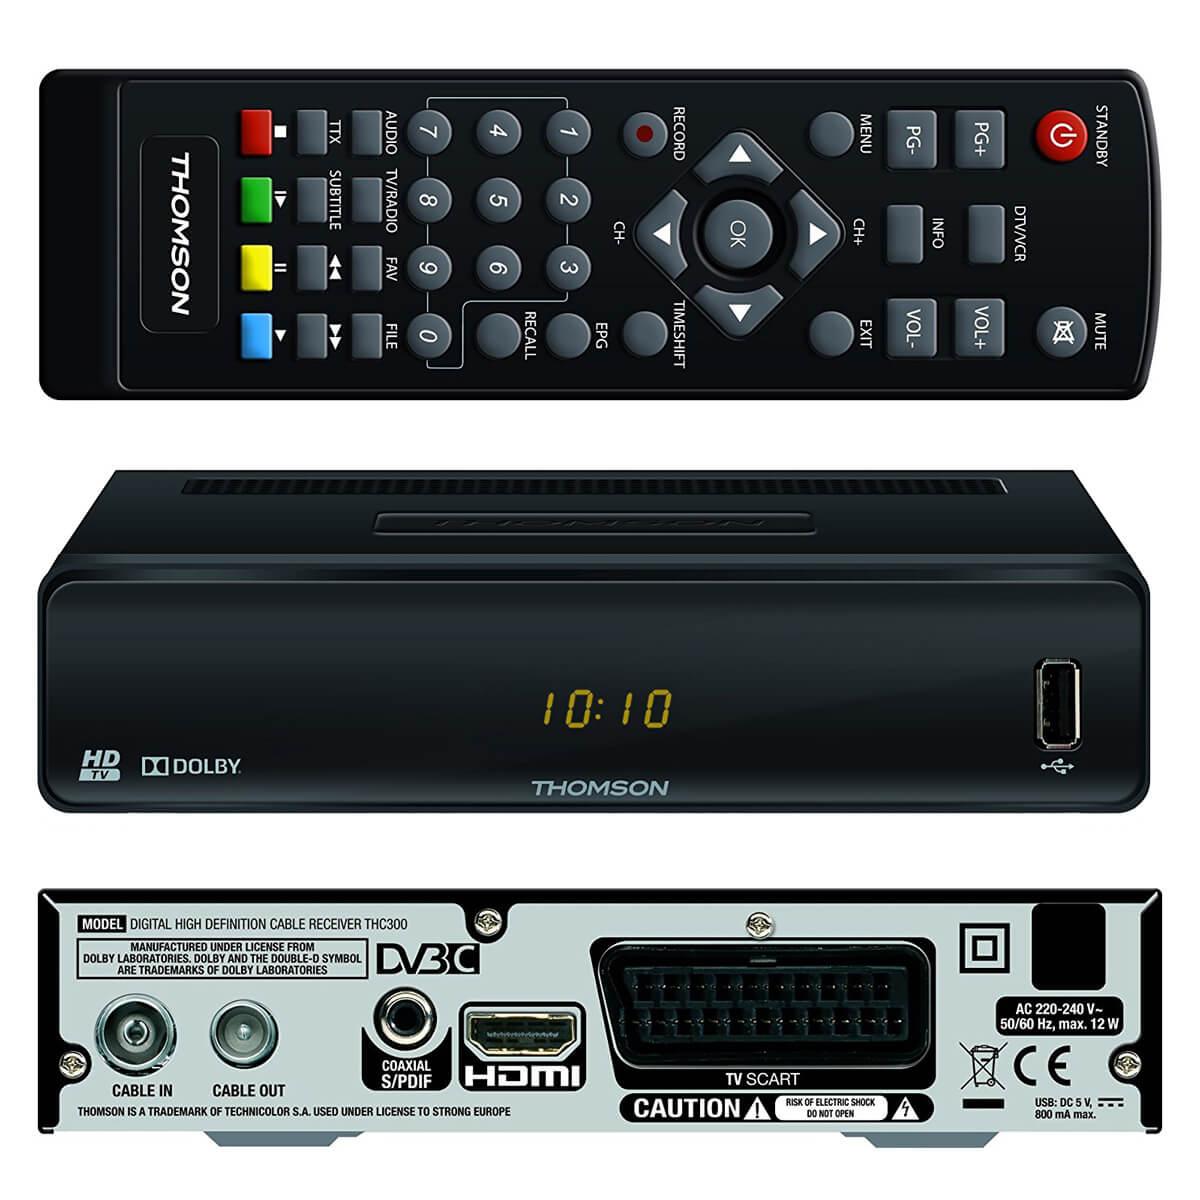 digital kabelreceiver kabel tv receiver dvb c hdtv thomson. Black Bedroom Furniture Sets. Home Design Ideas